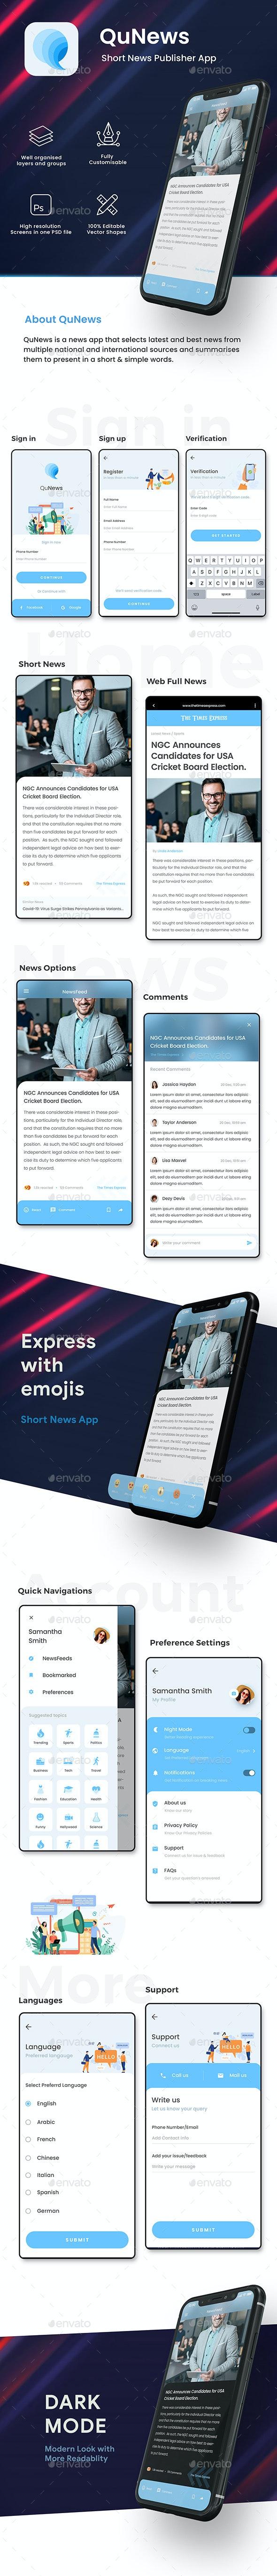 Short News Publish App UI | QuNews - User Interfaces Web Elements